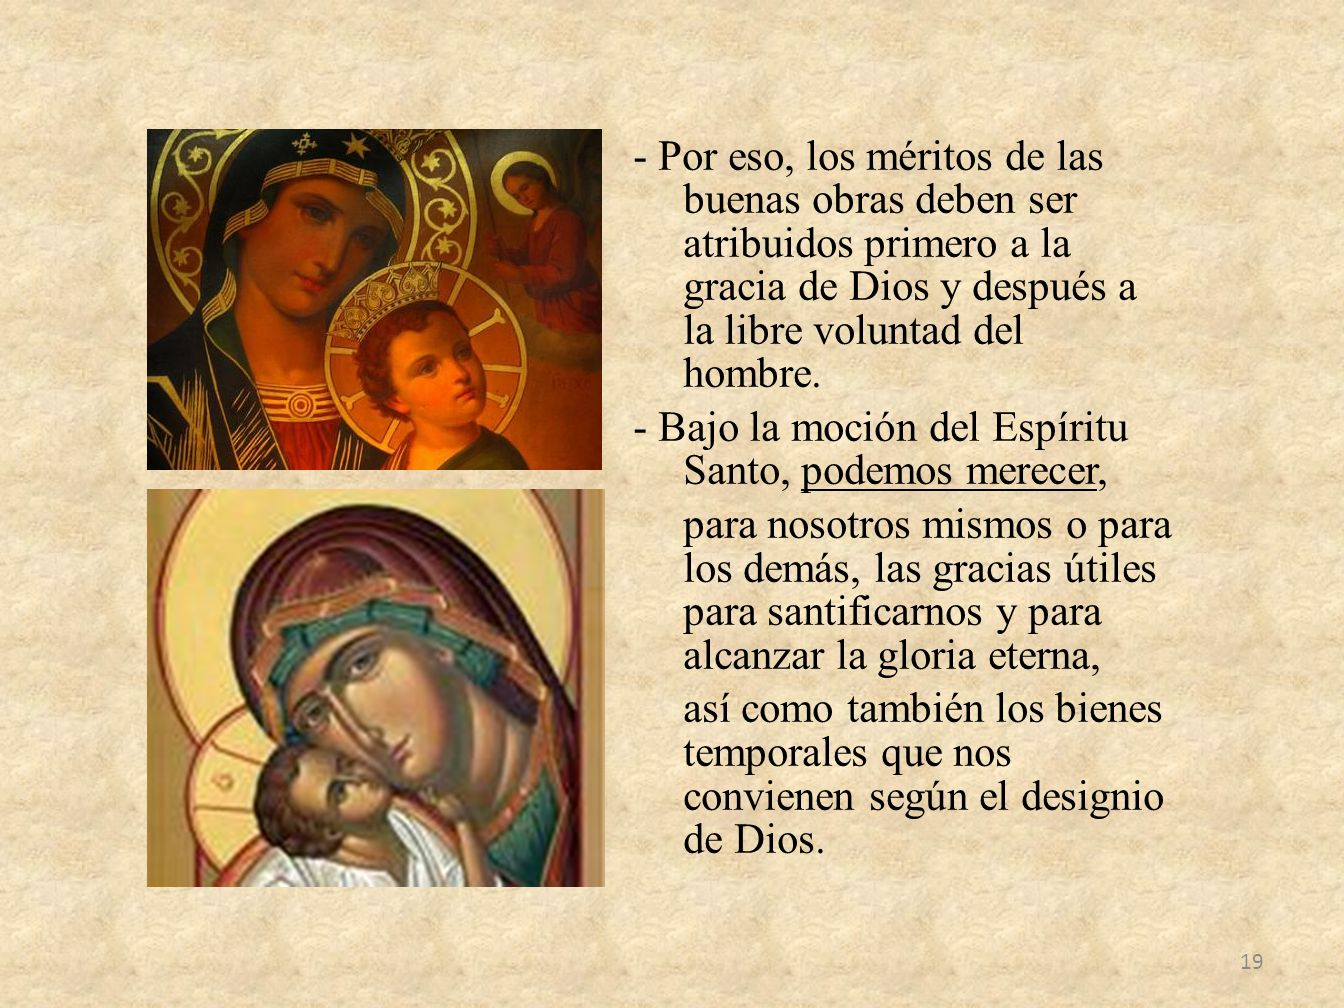 - Por eso, los méritos de las buenas obras deben ser atribuidos primero a la gracia de Dios y después a la libre voluntad del hombre.